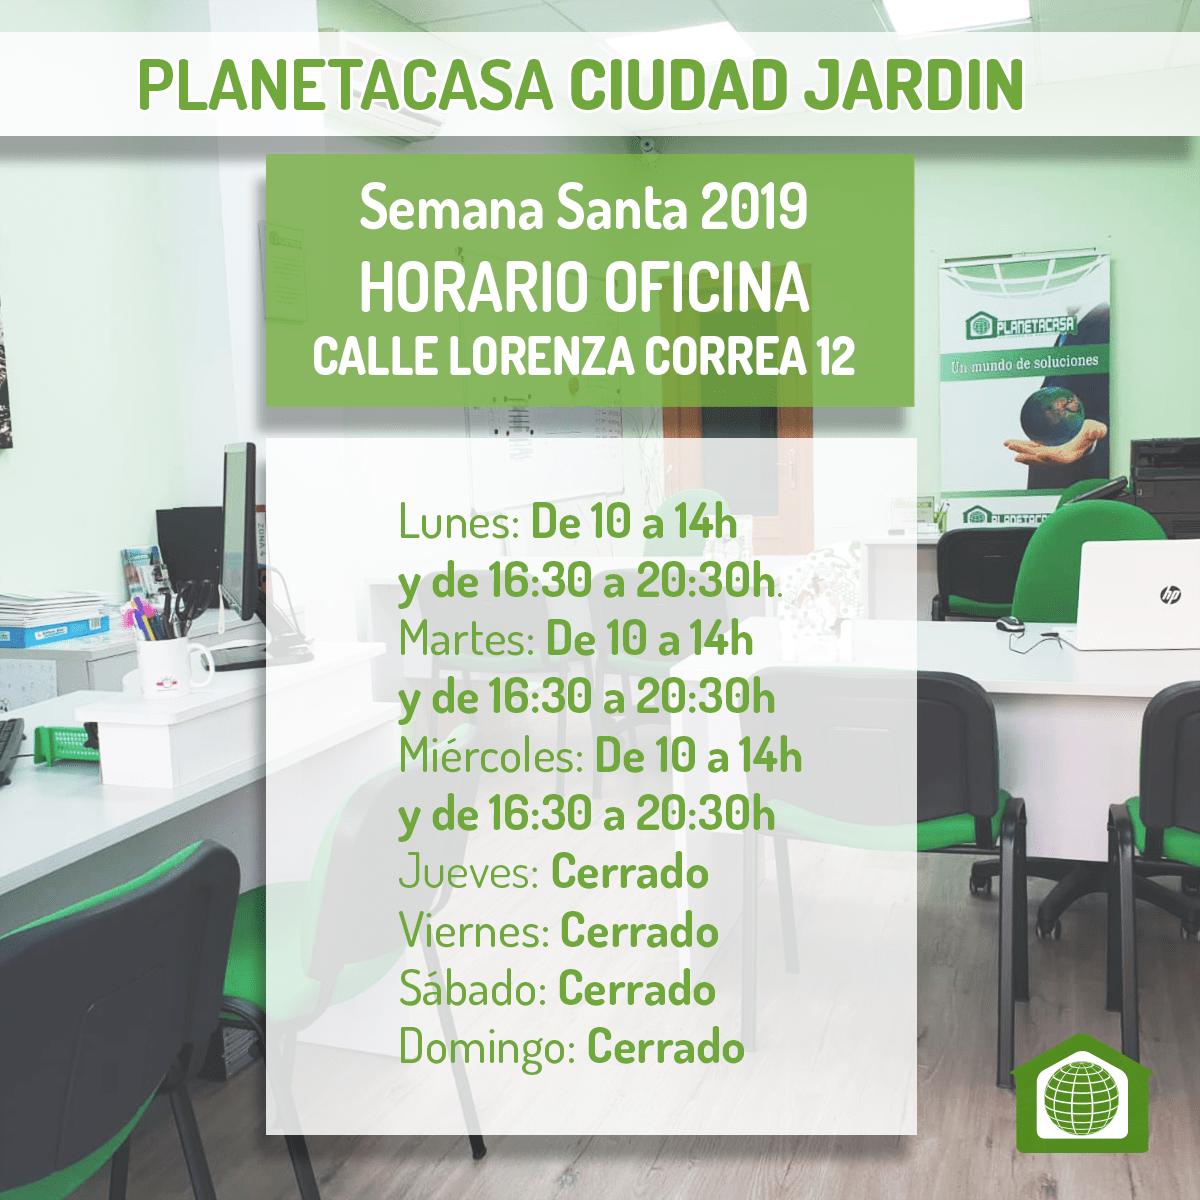 Horario oficina planetacasa Ciudad Jardin Semana Santa 2019